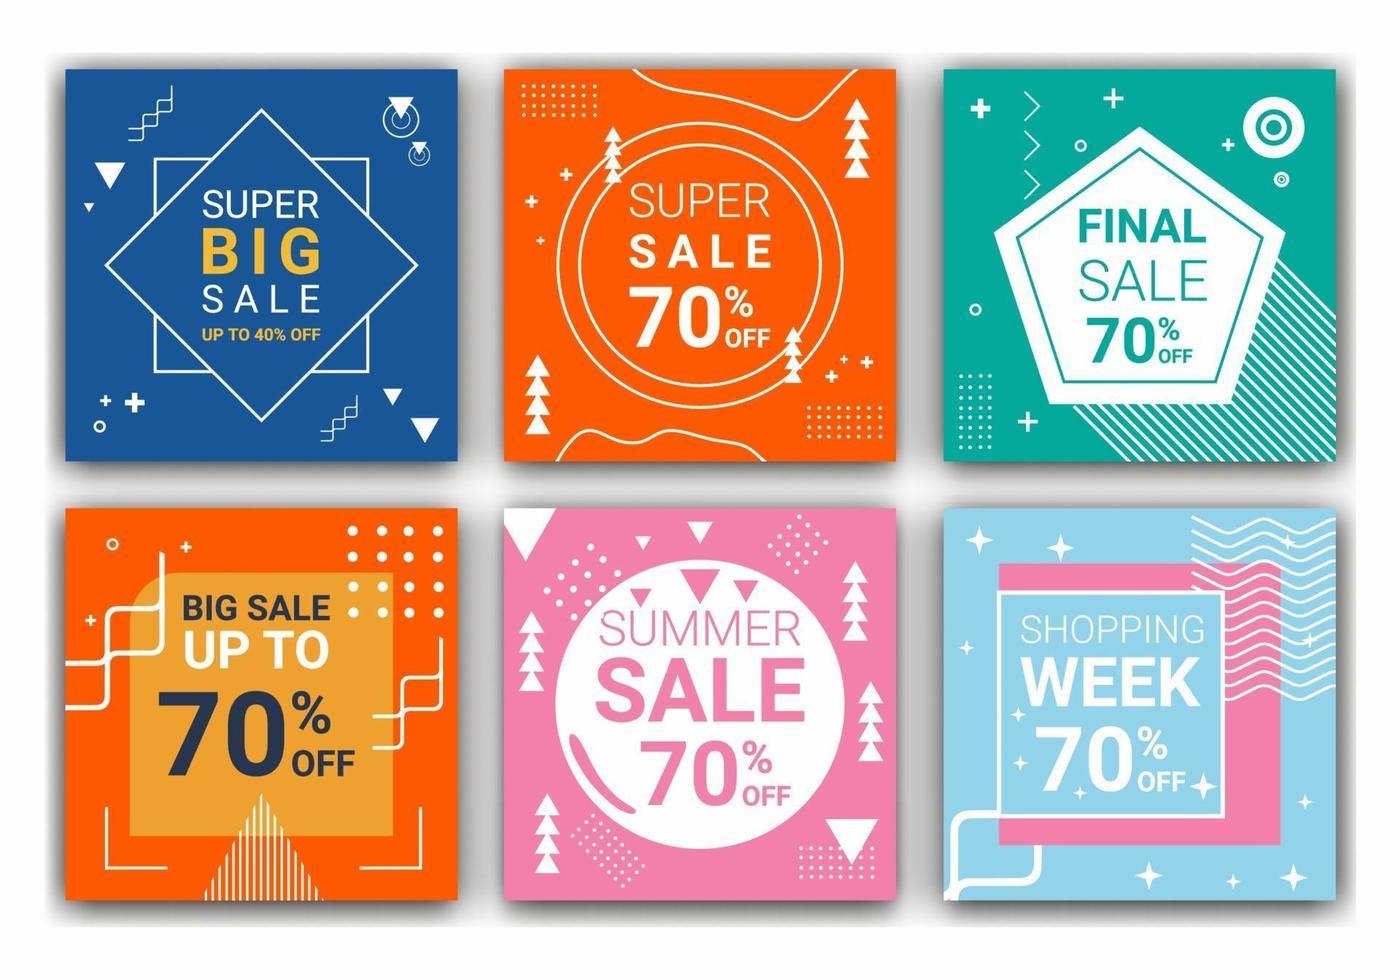 6 fyrkantiga layoutmallar för inlägg, mobilappar eller bannerdesign. PR-webbbanner för sociala medier för modeförsäljning. elegant försäljning och rabattkampanj. vektor illustration.